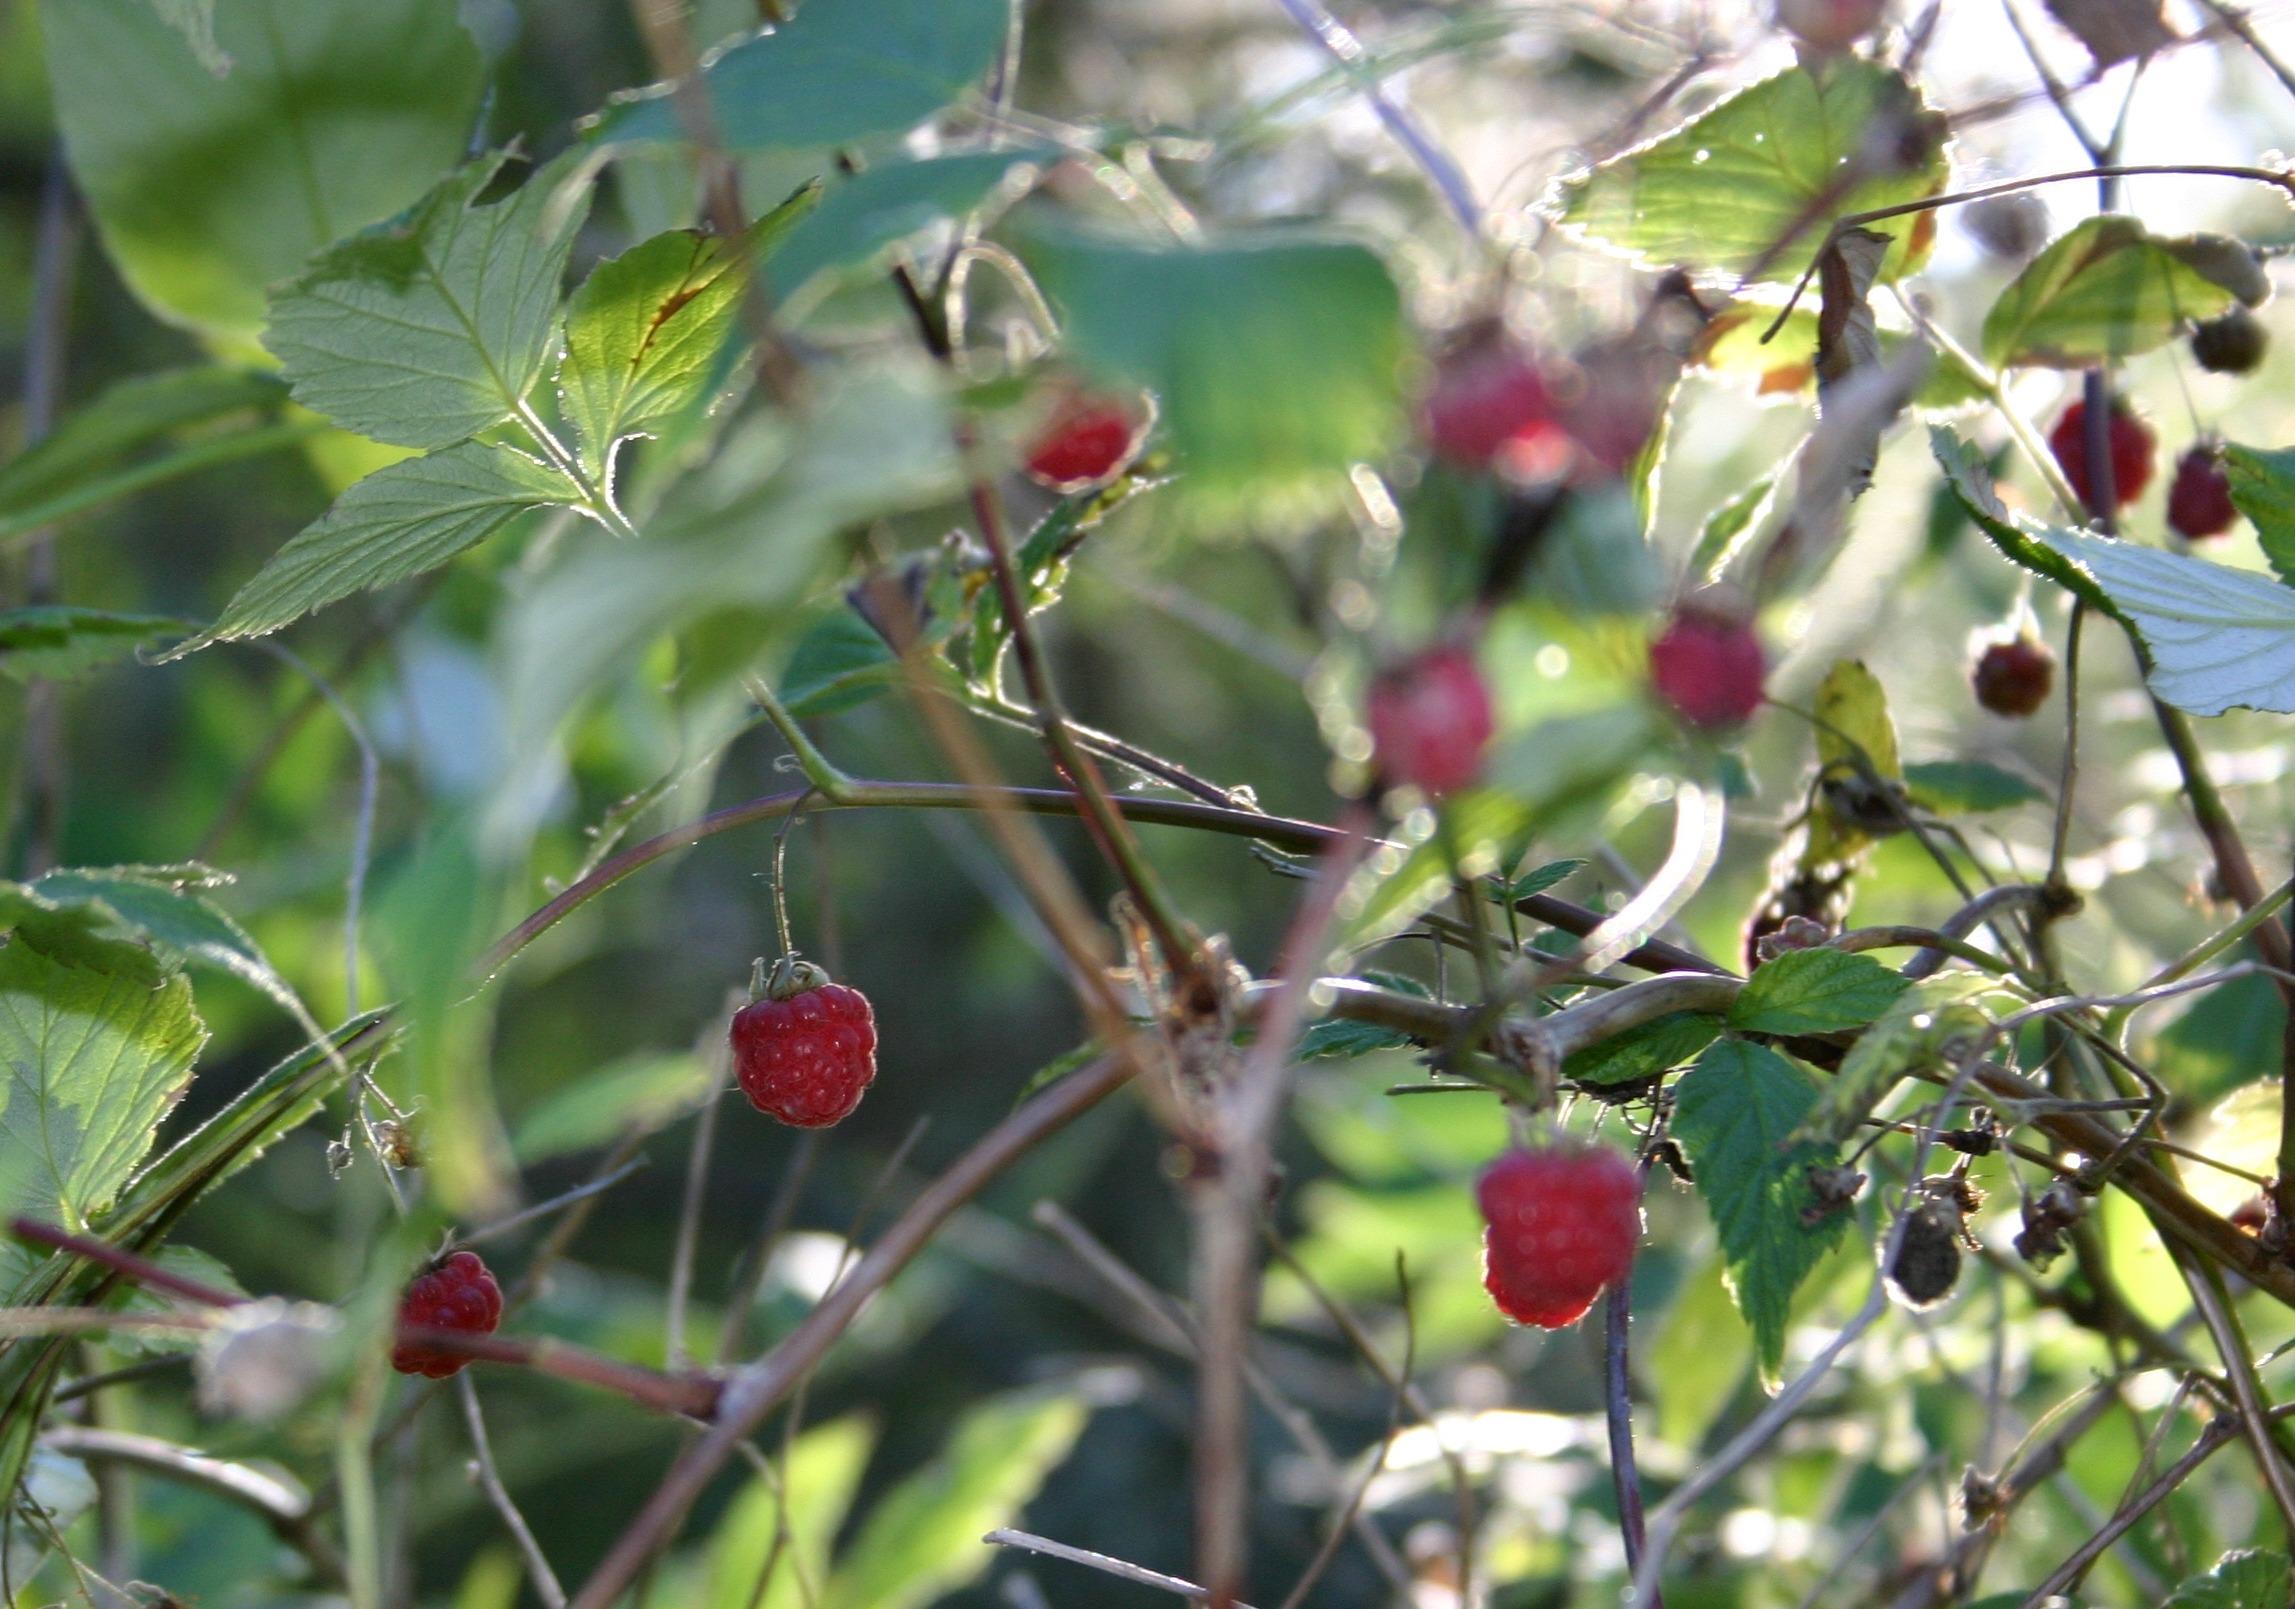 Fotos gratis rbol rama frambuesa fruta dulce flor for Arboles para plantar en verano